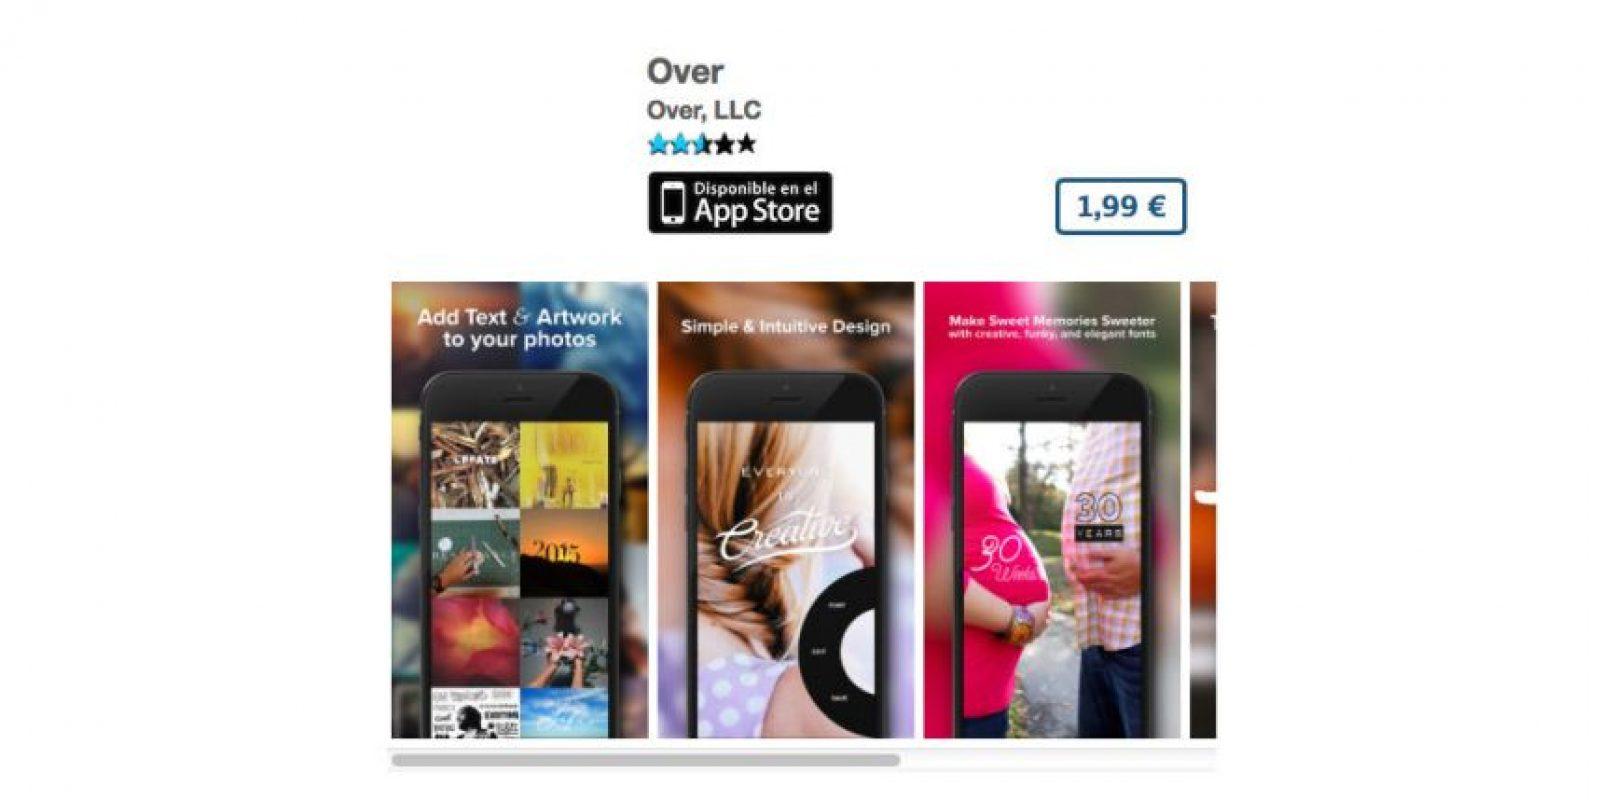 Over es el editor de fotos que les permitirá añadir texto y diseño a sus capturas. Precio 3 dólares Foto:De Over